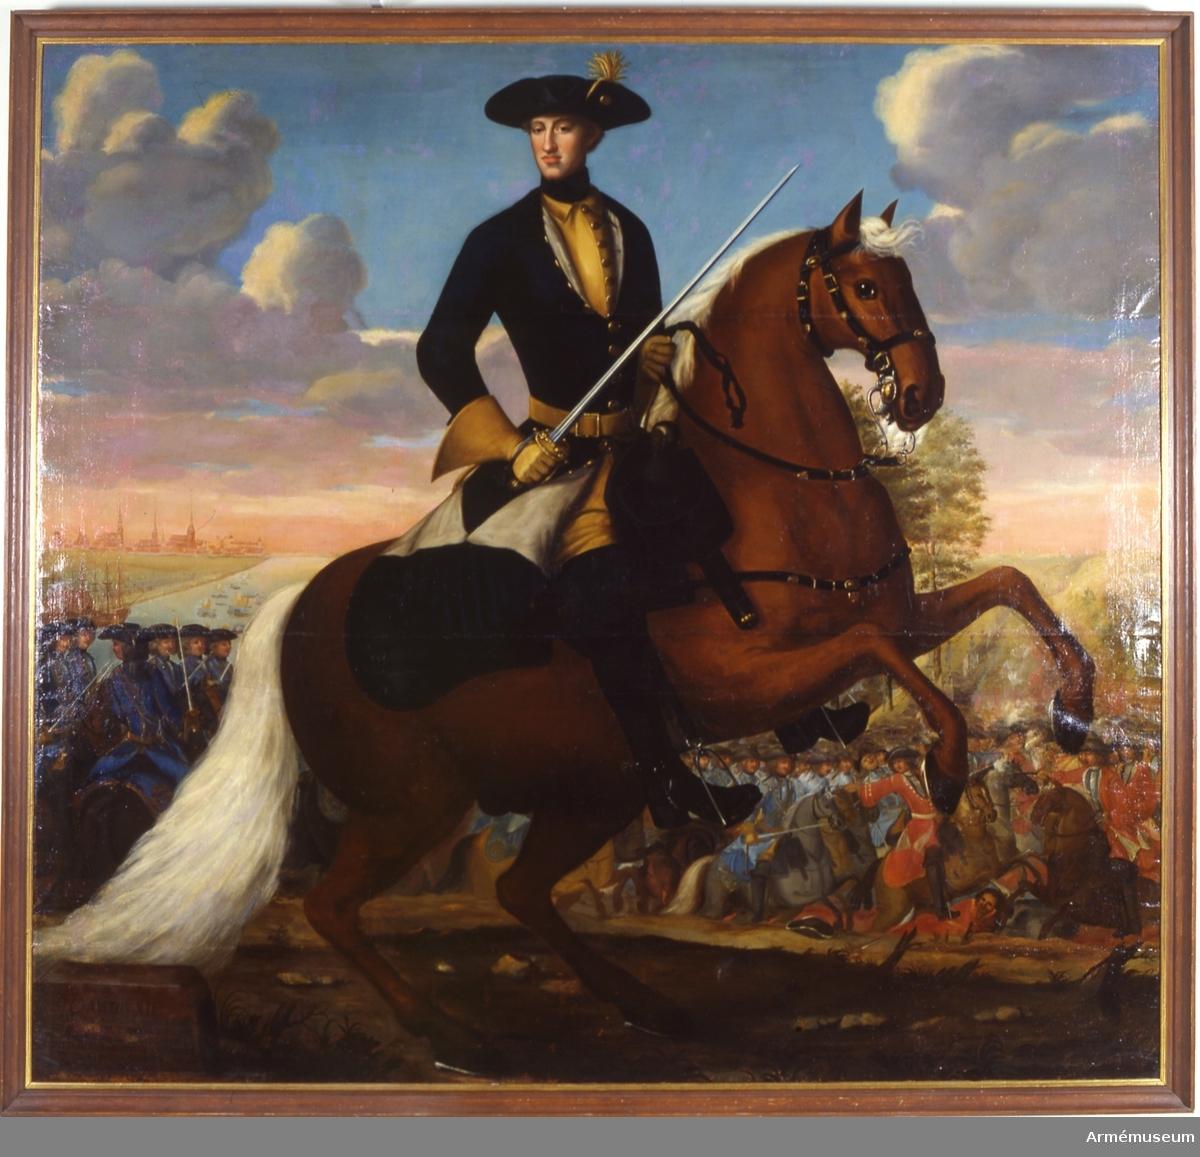 Grupp M I. Målning signerad av J. H Wedekind föreställande Karl XII till häst i fält.